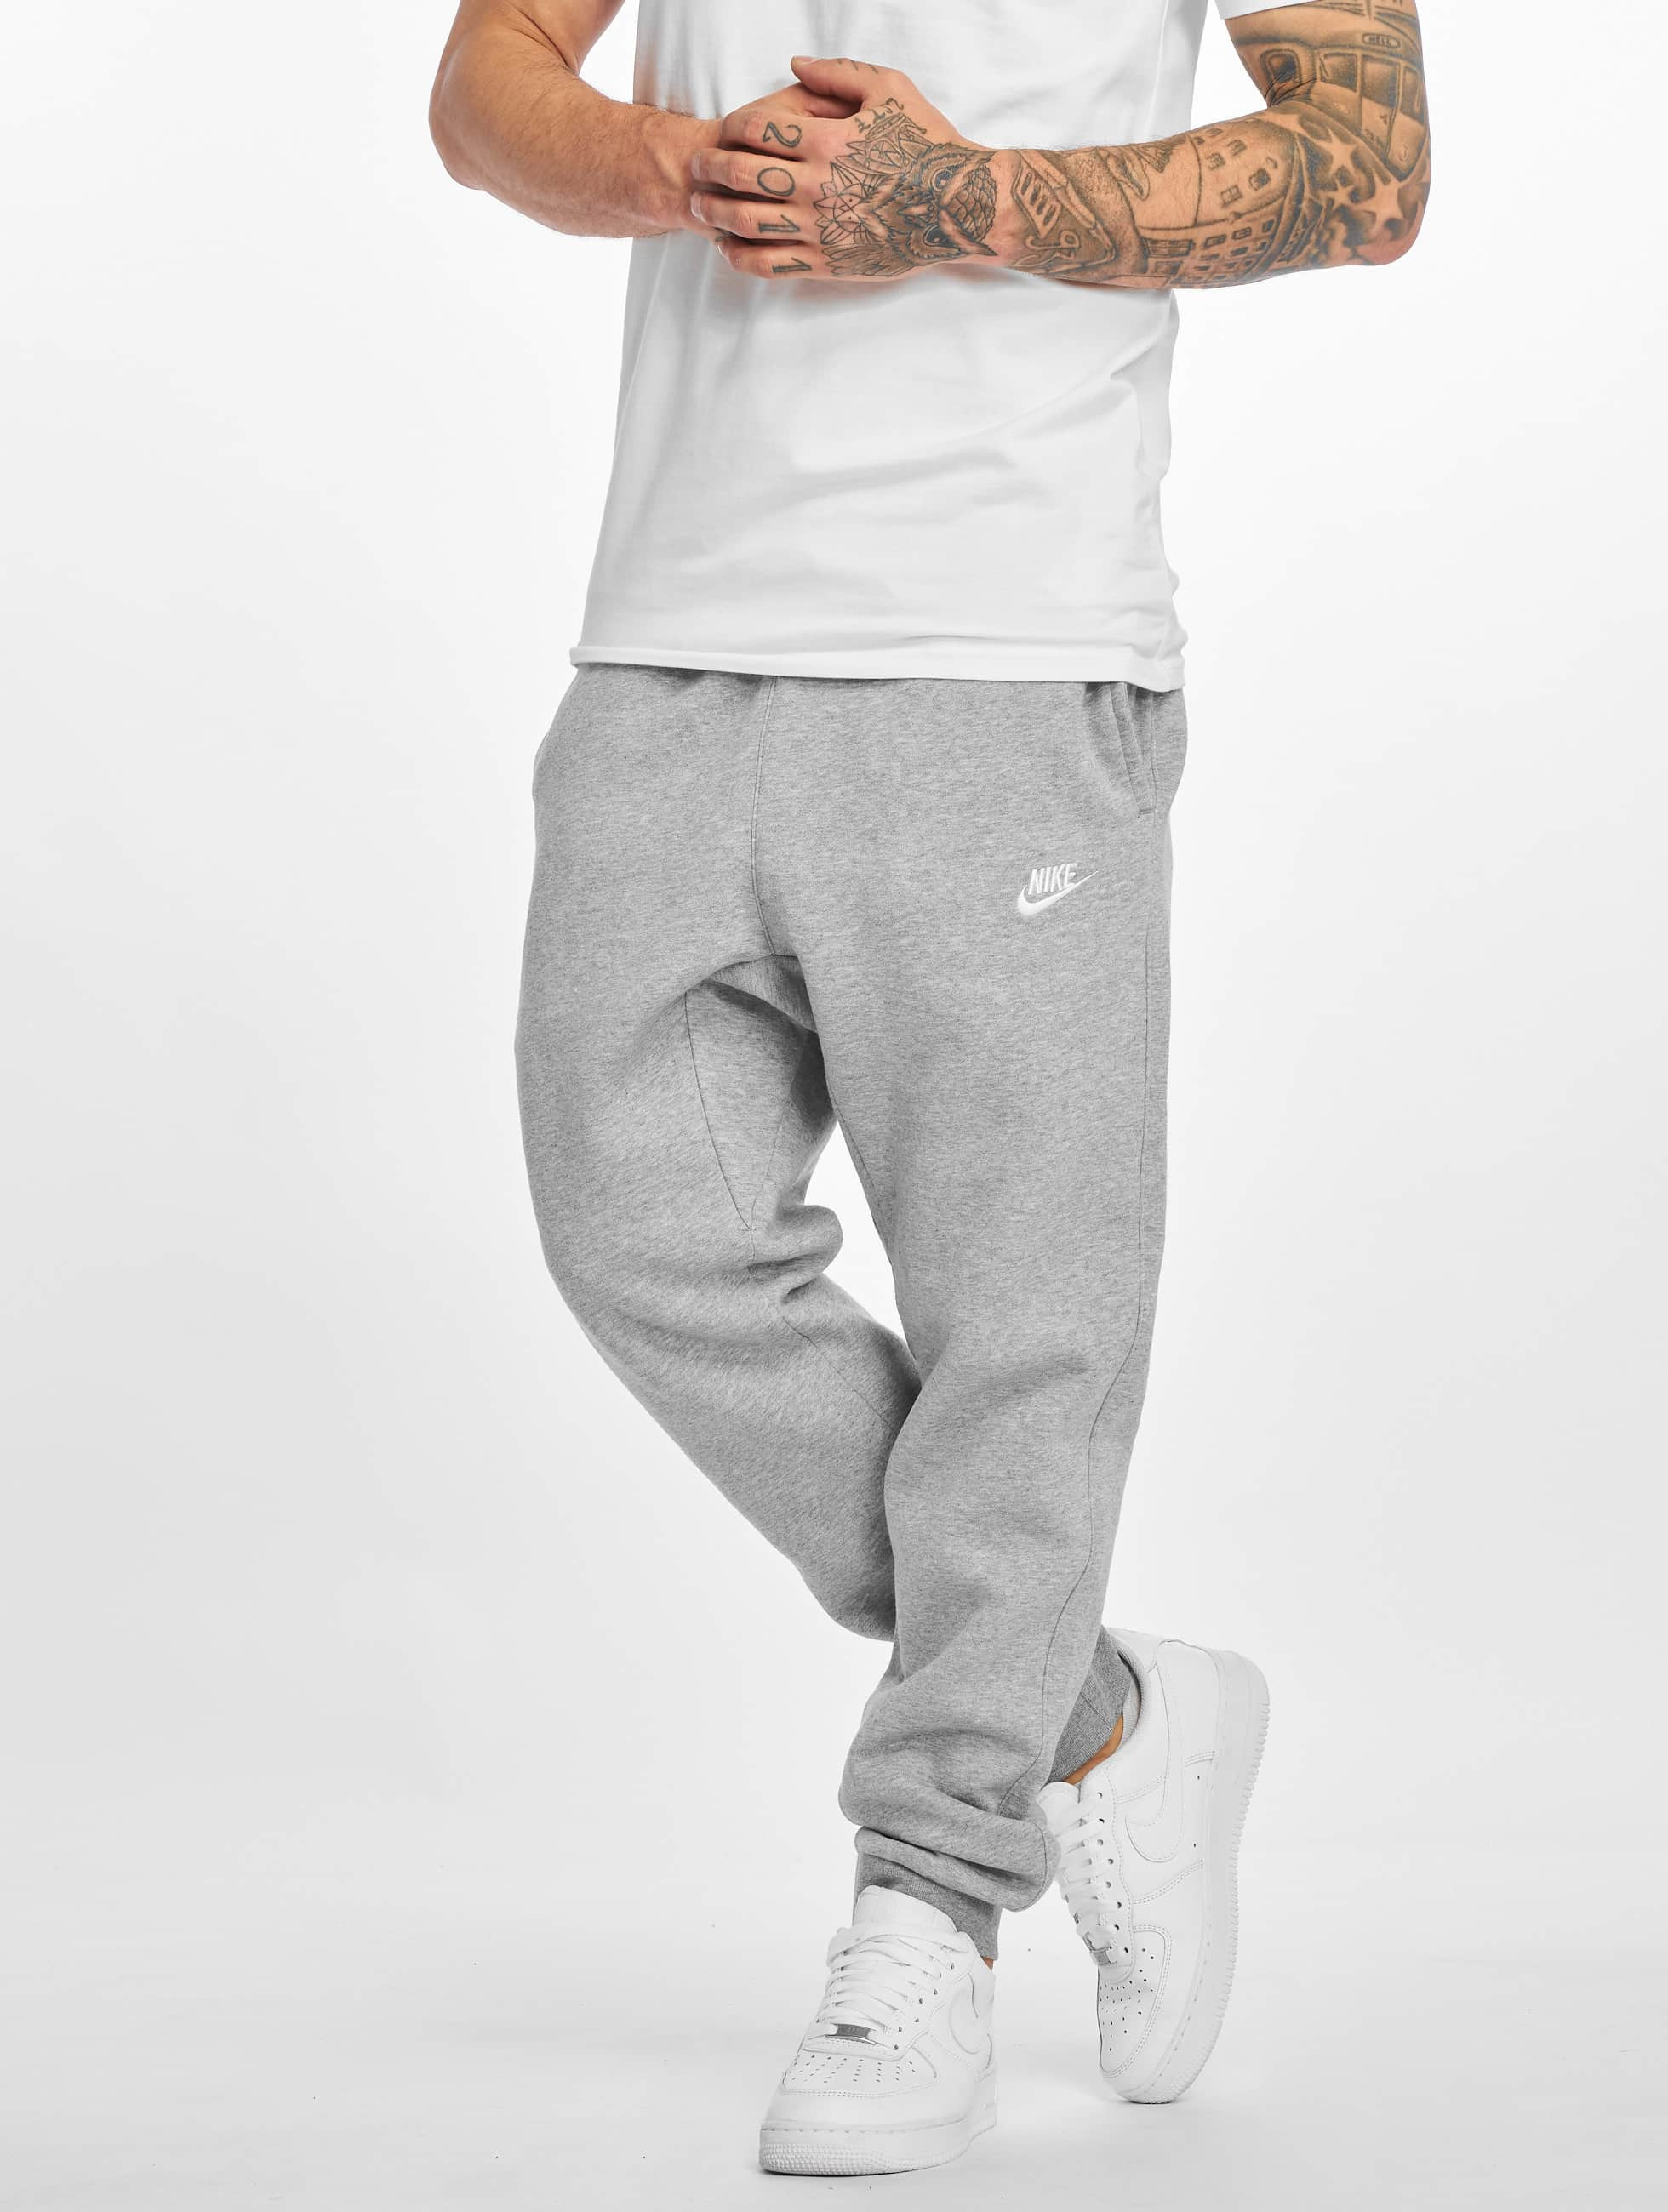 Nsw Flc Sweatpants Nike Dark Club Heatherwhite Grey W9eYHIED2